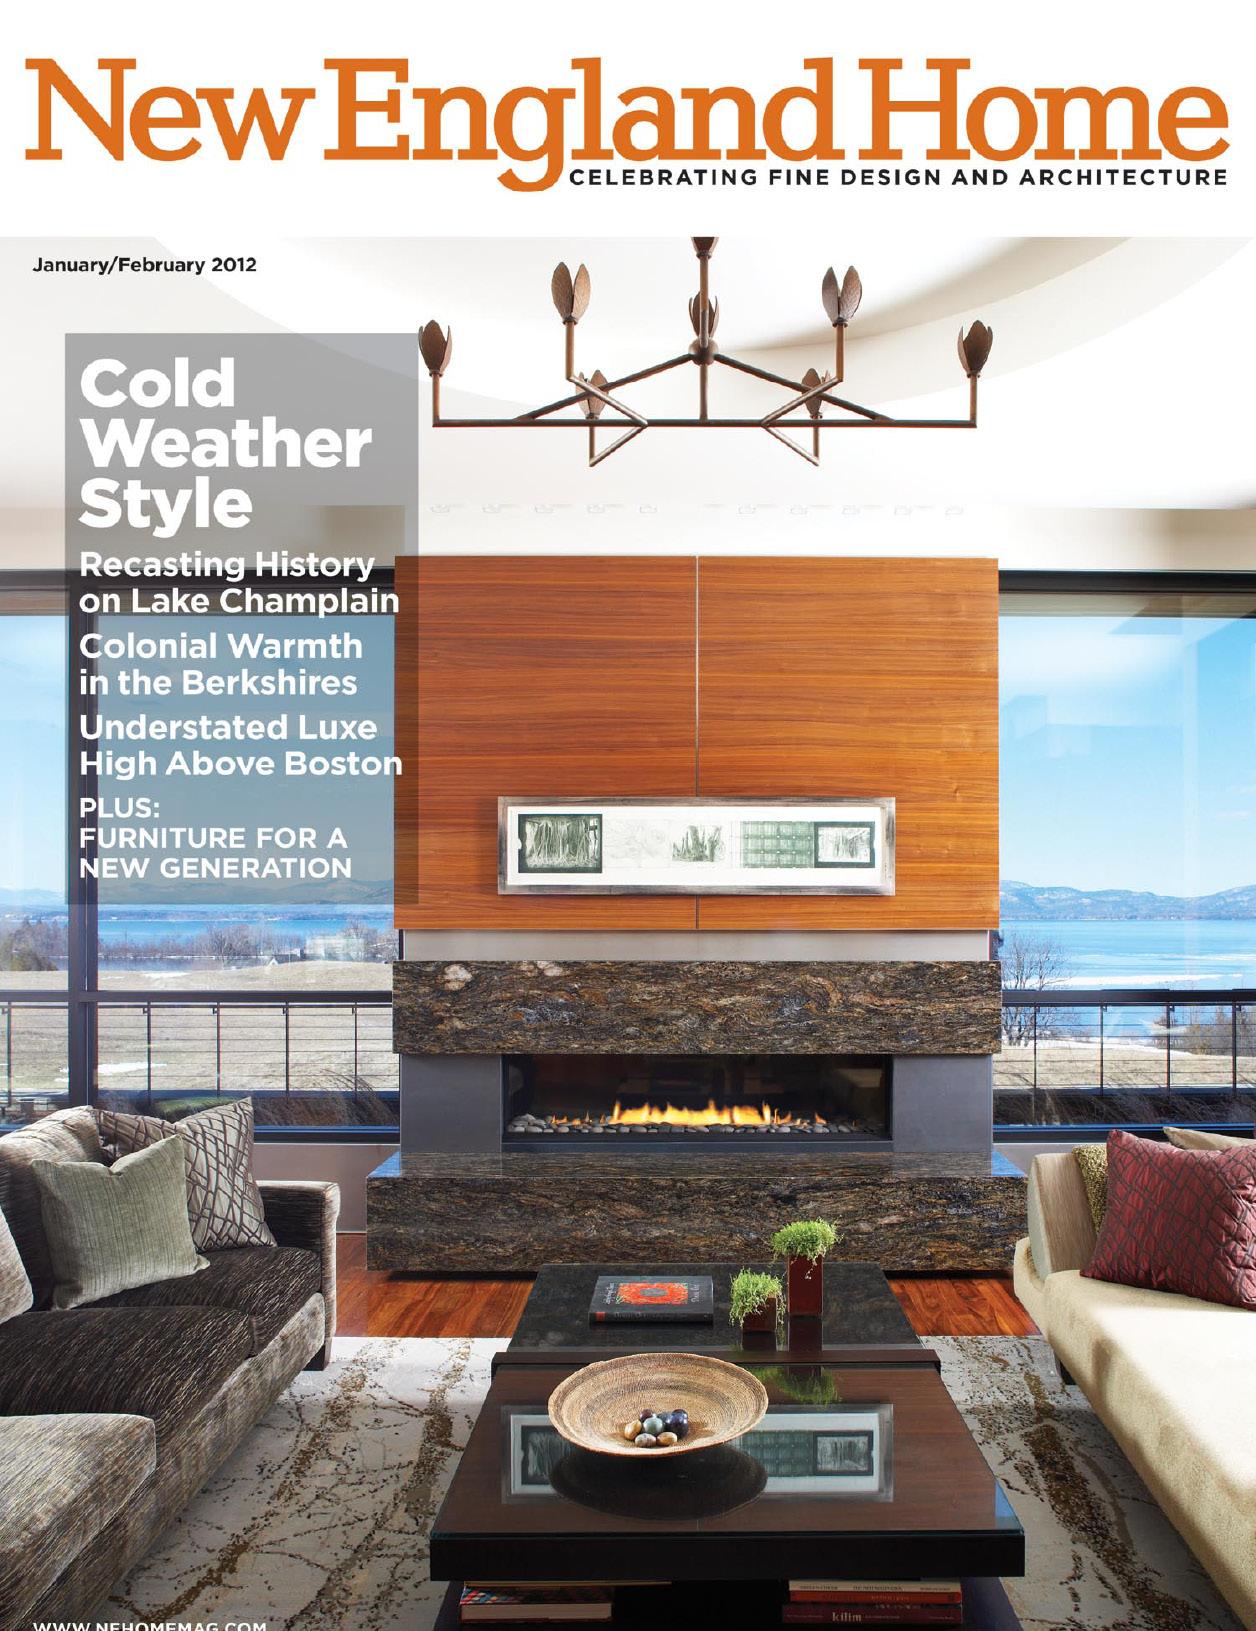 Home Trade Secrets | New England Home 2012 | Design Associates Inc